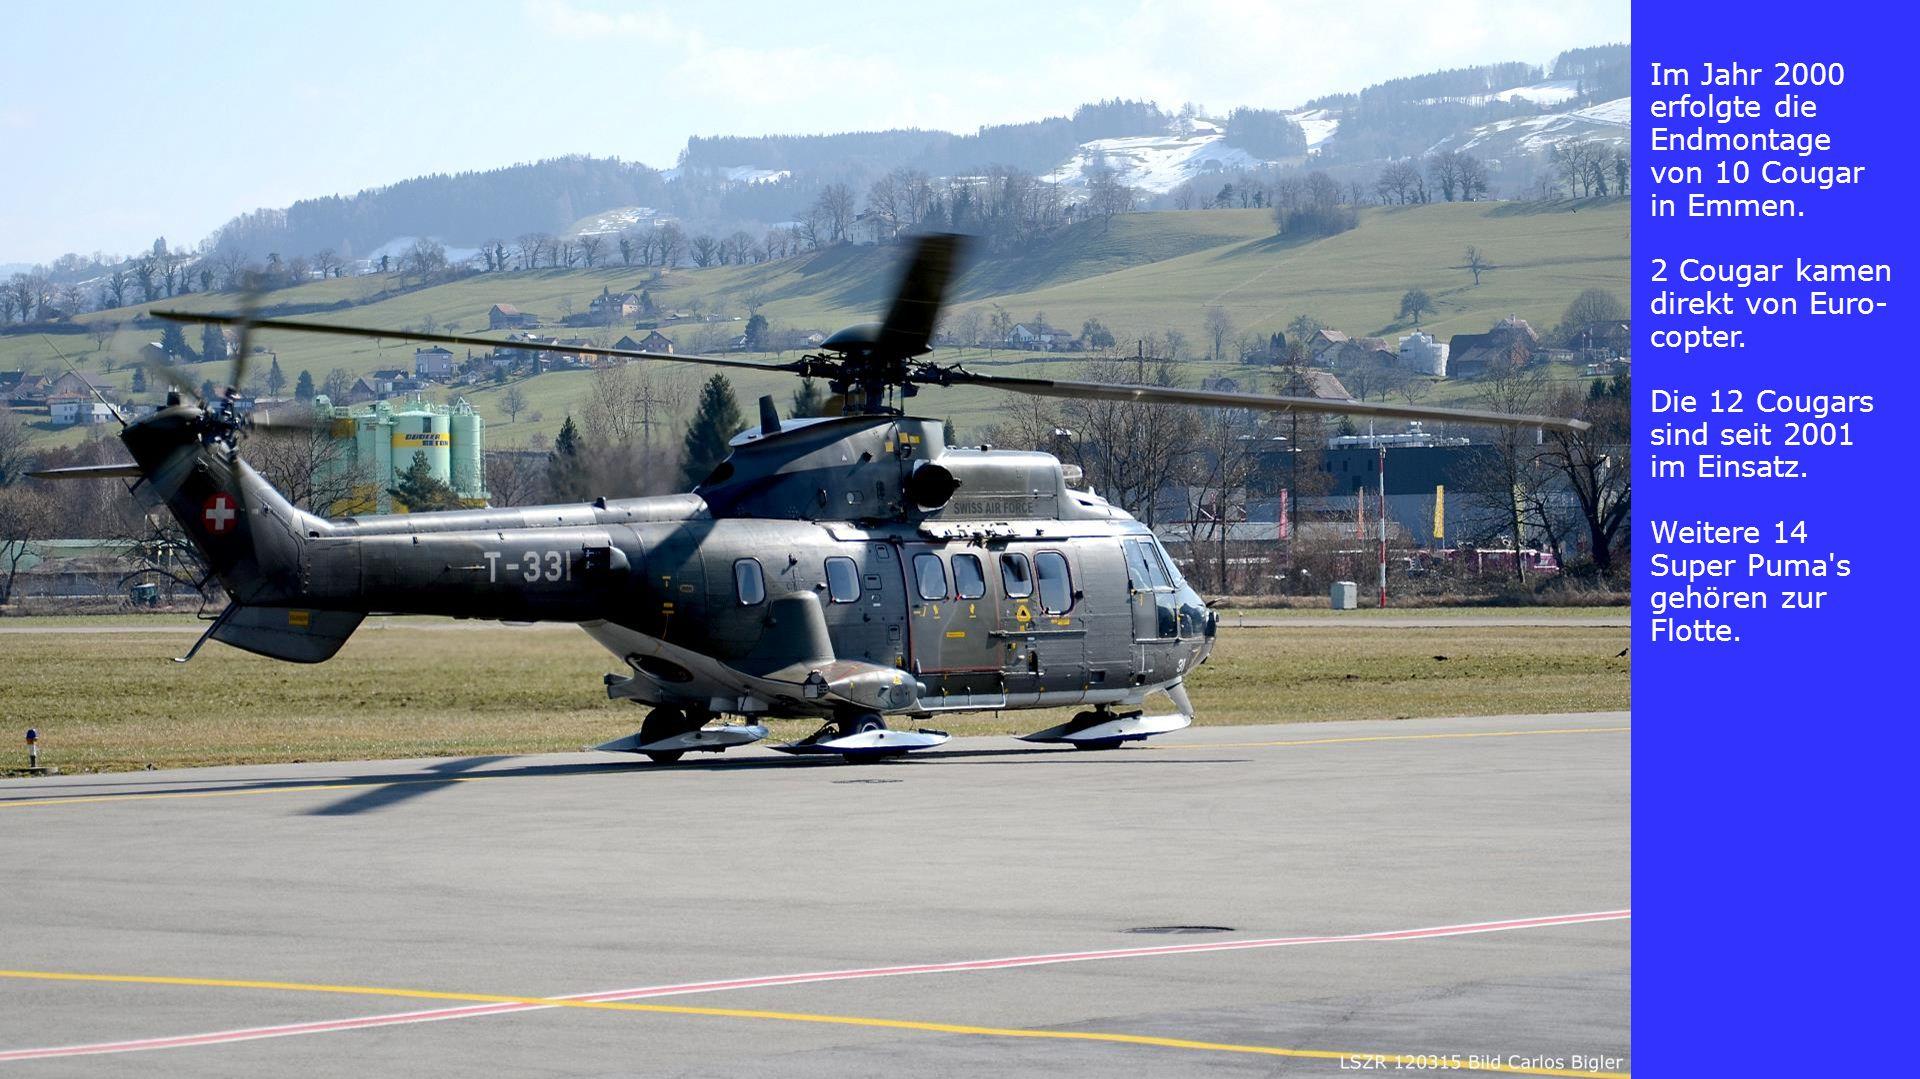 Im Jahr 2000 erfolgte die Endmontage von 10 Cougar in Emmen. 2 Cougar kamen direkt von Euro- copter. Die 12 Cougars sind seit 2001 im Einsatz. Weitere